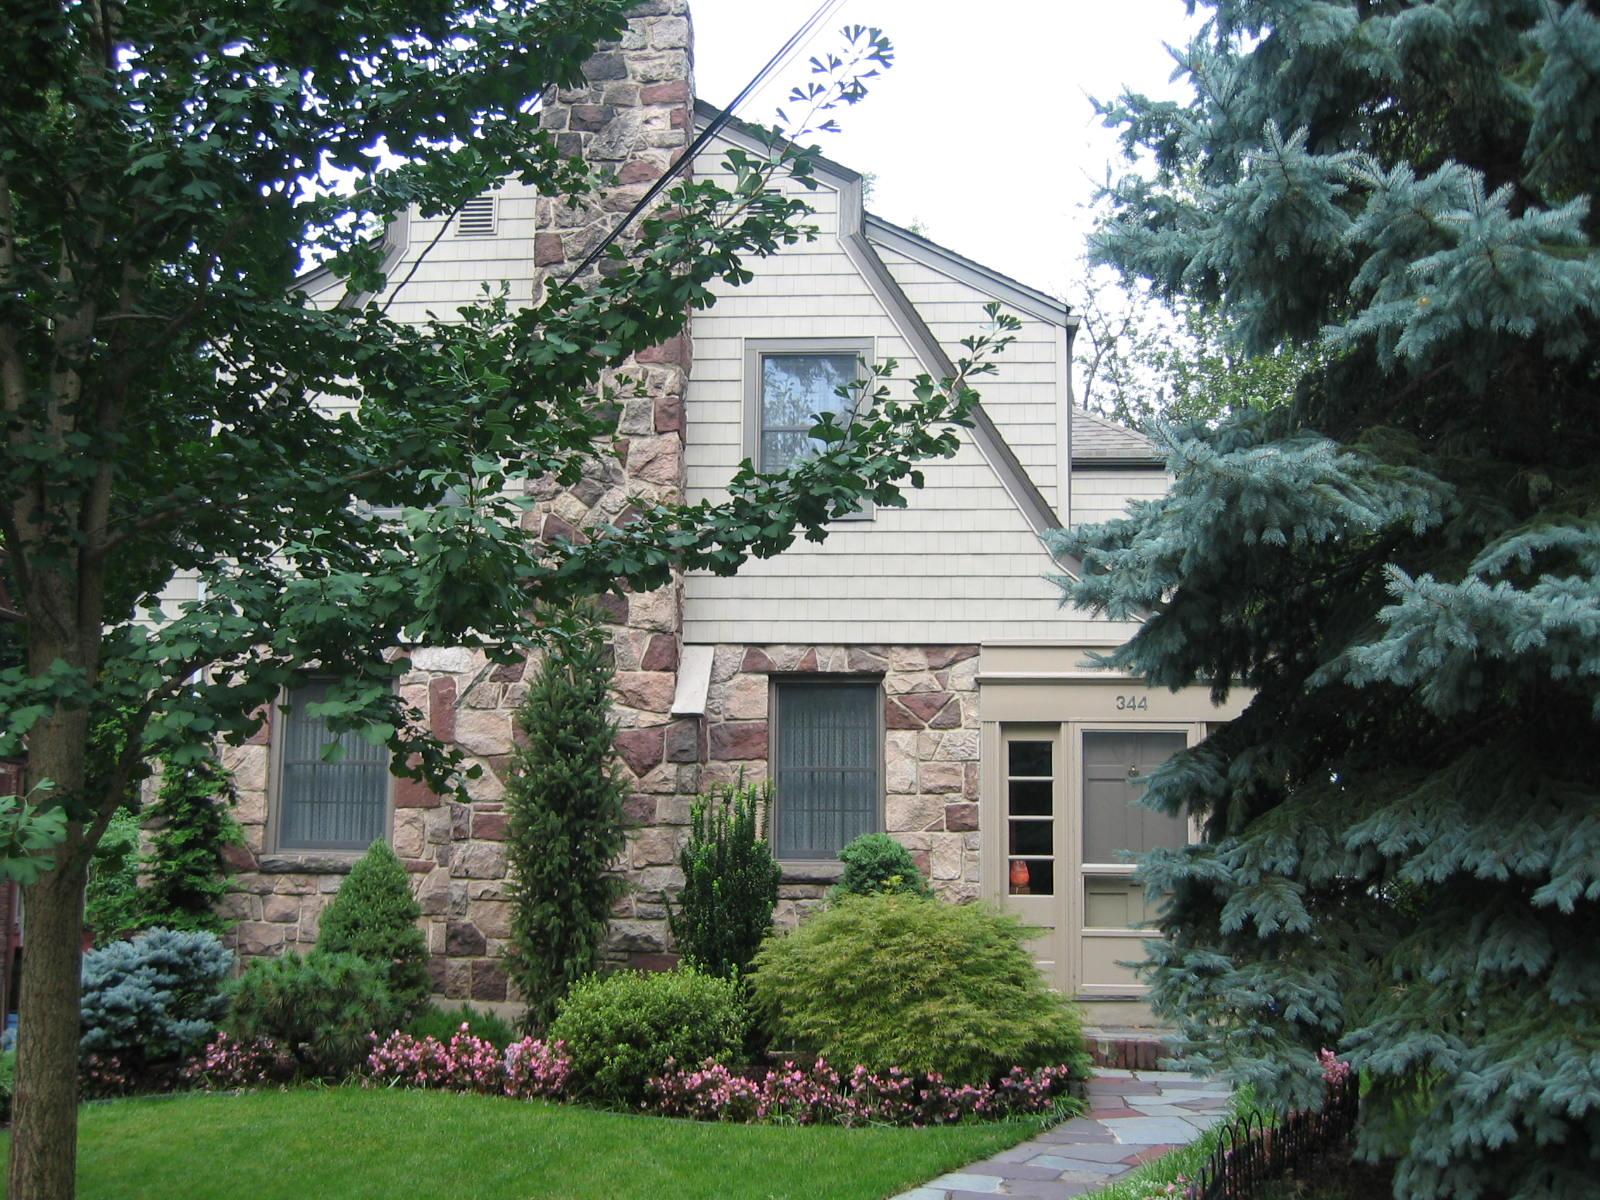 Частный односемейный дом для того Продажа на Classic Field Stone Dutch Colonial 344 Audubon Rd Englewood, Нью-Джерси 07631 Соединенные Штаты